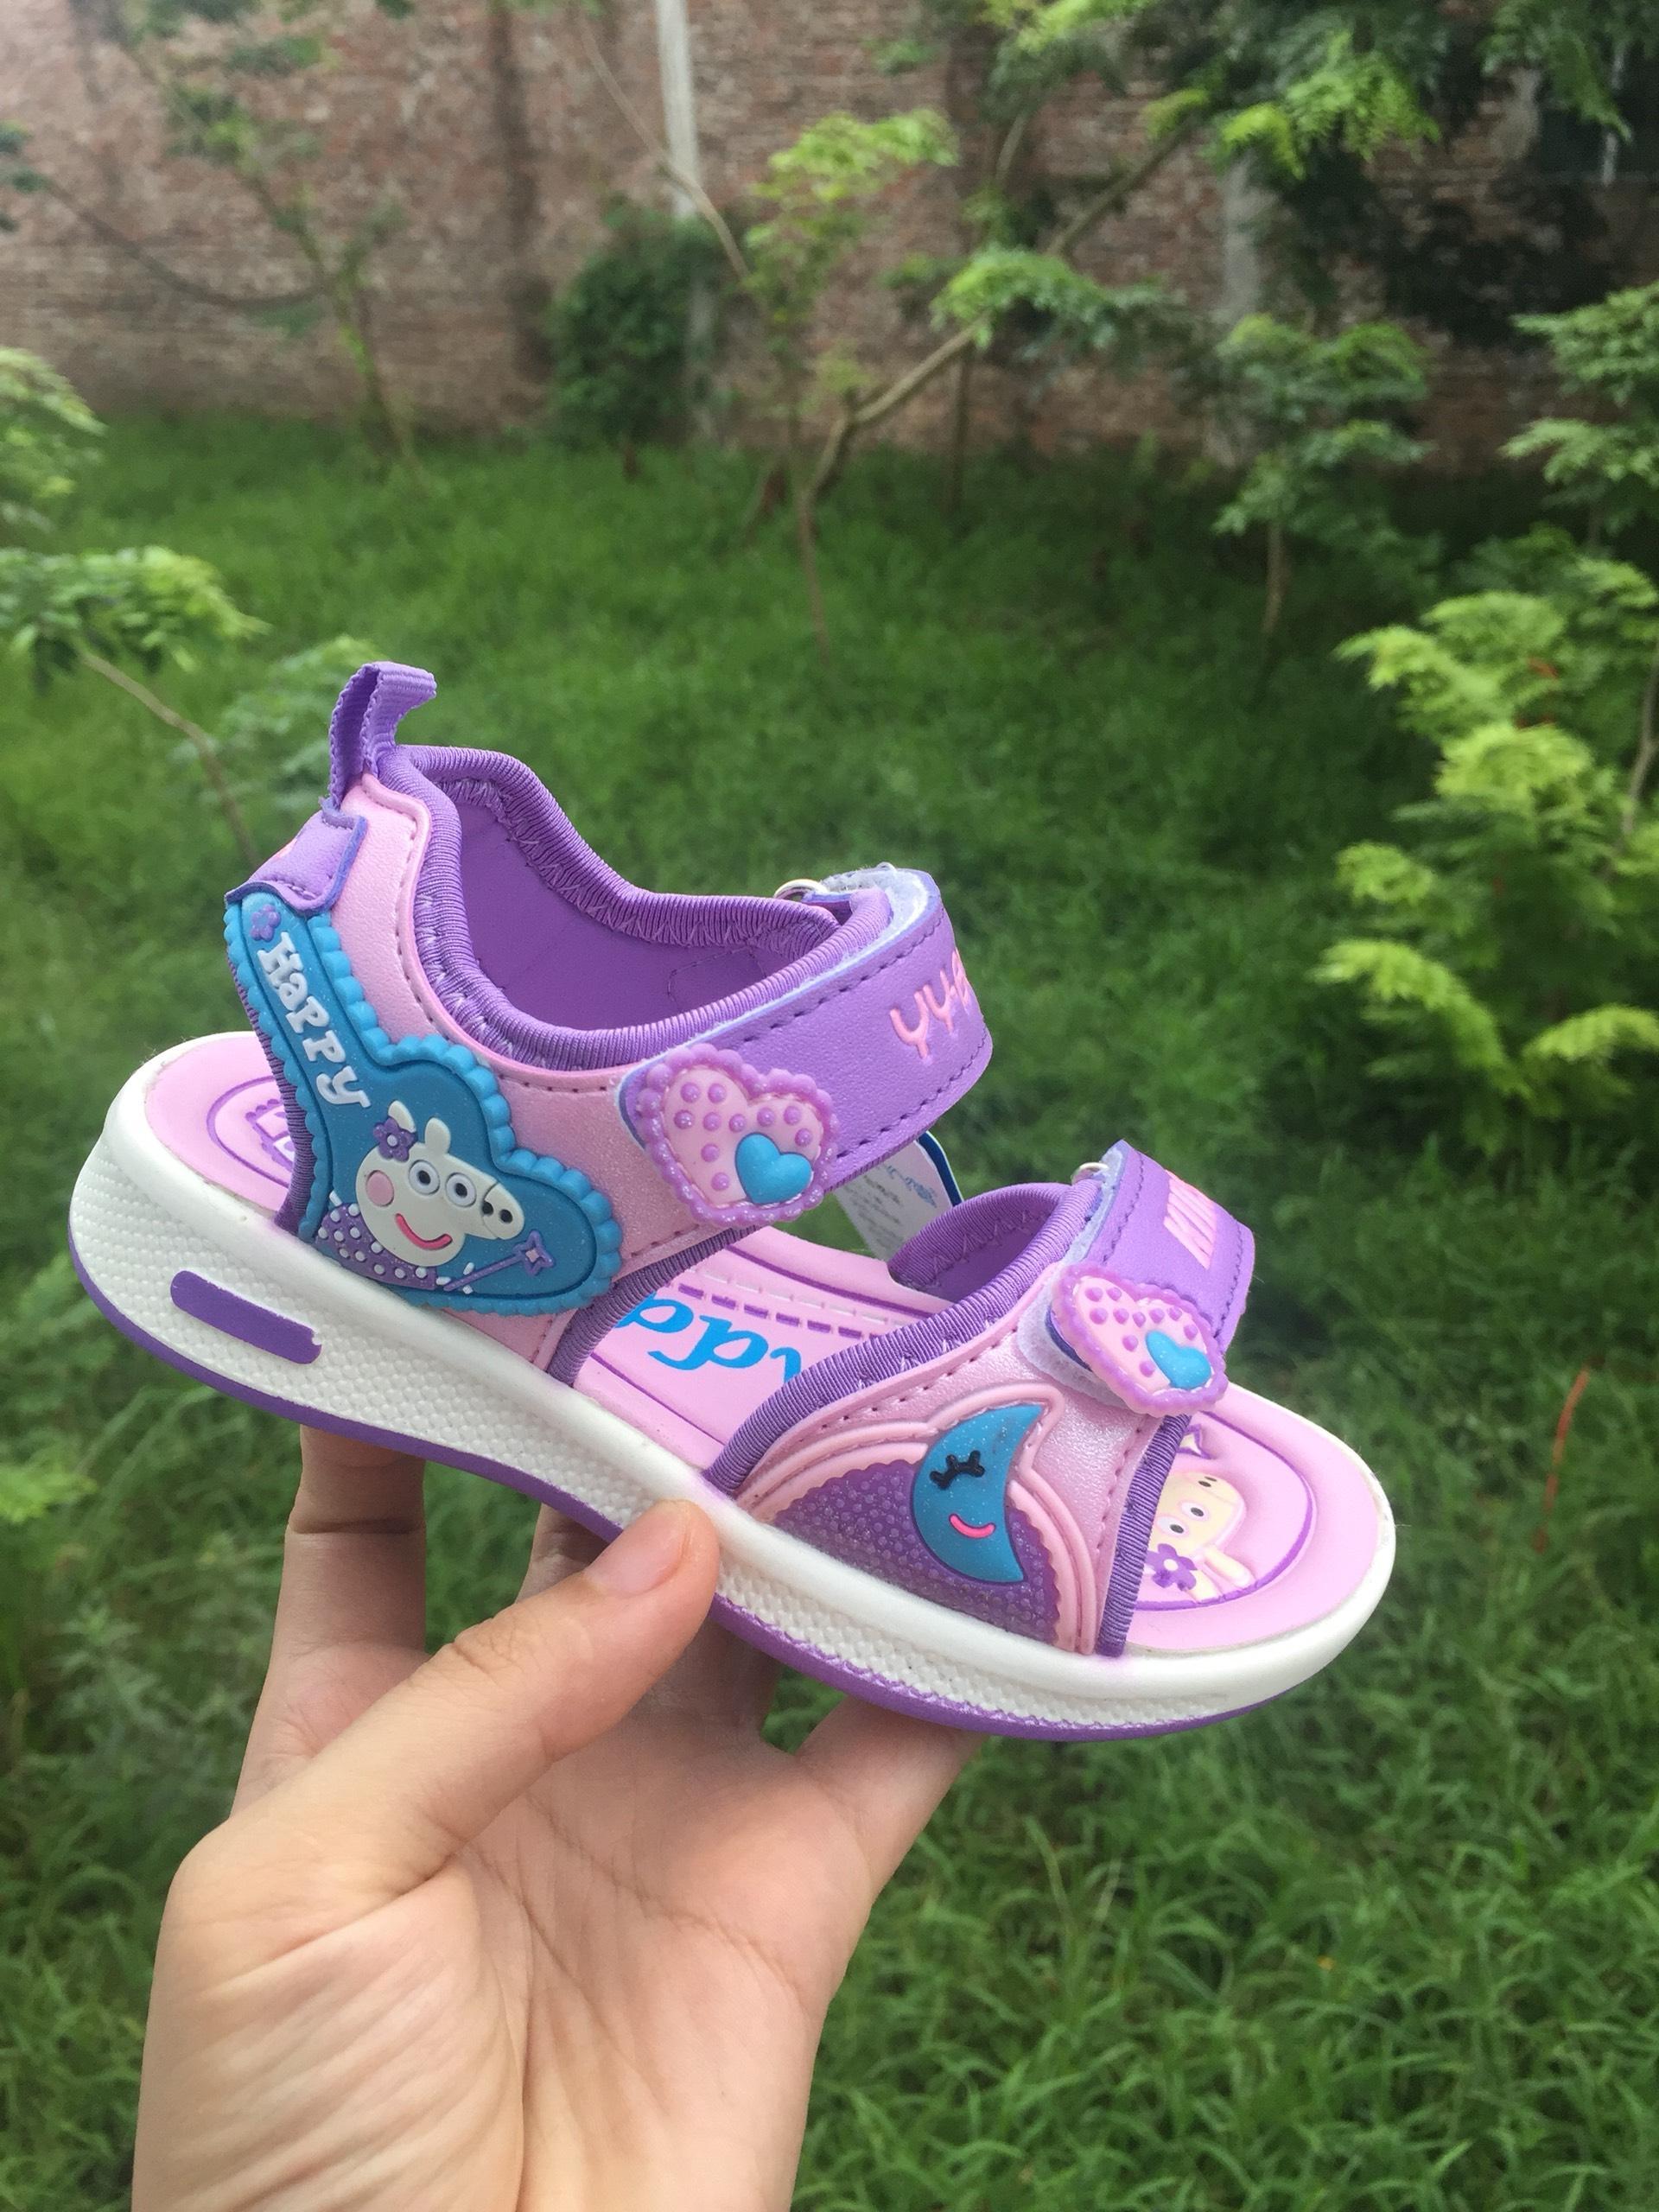 Giá bán sandal bé gái size 26-31 siêu mềm nhẹ